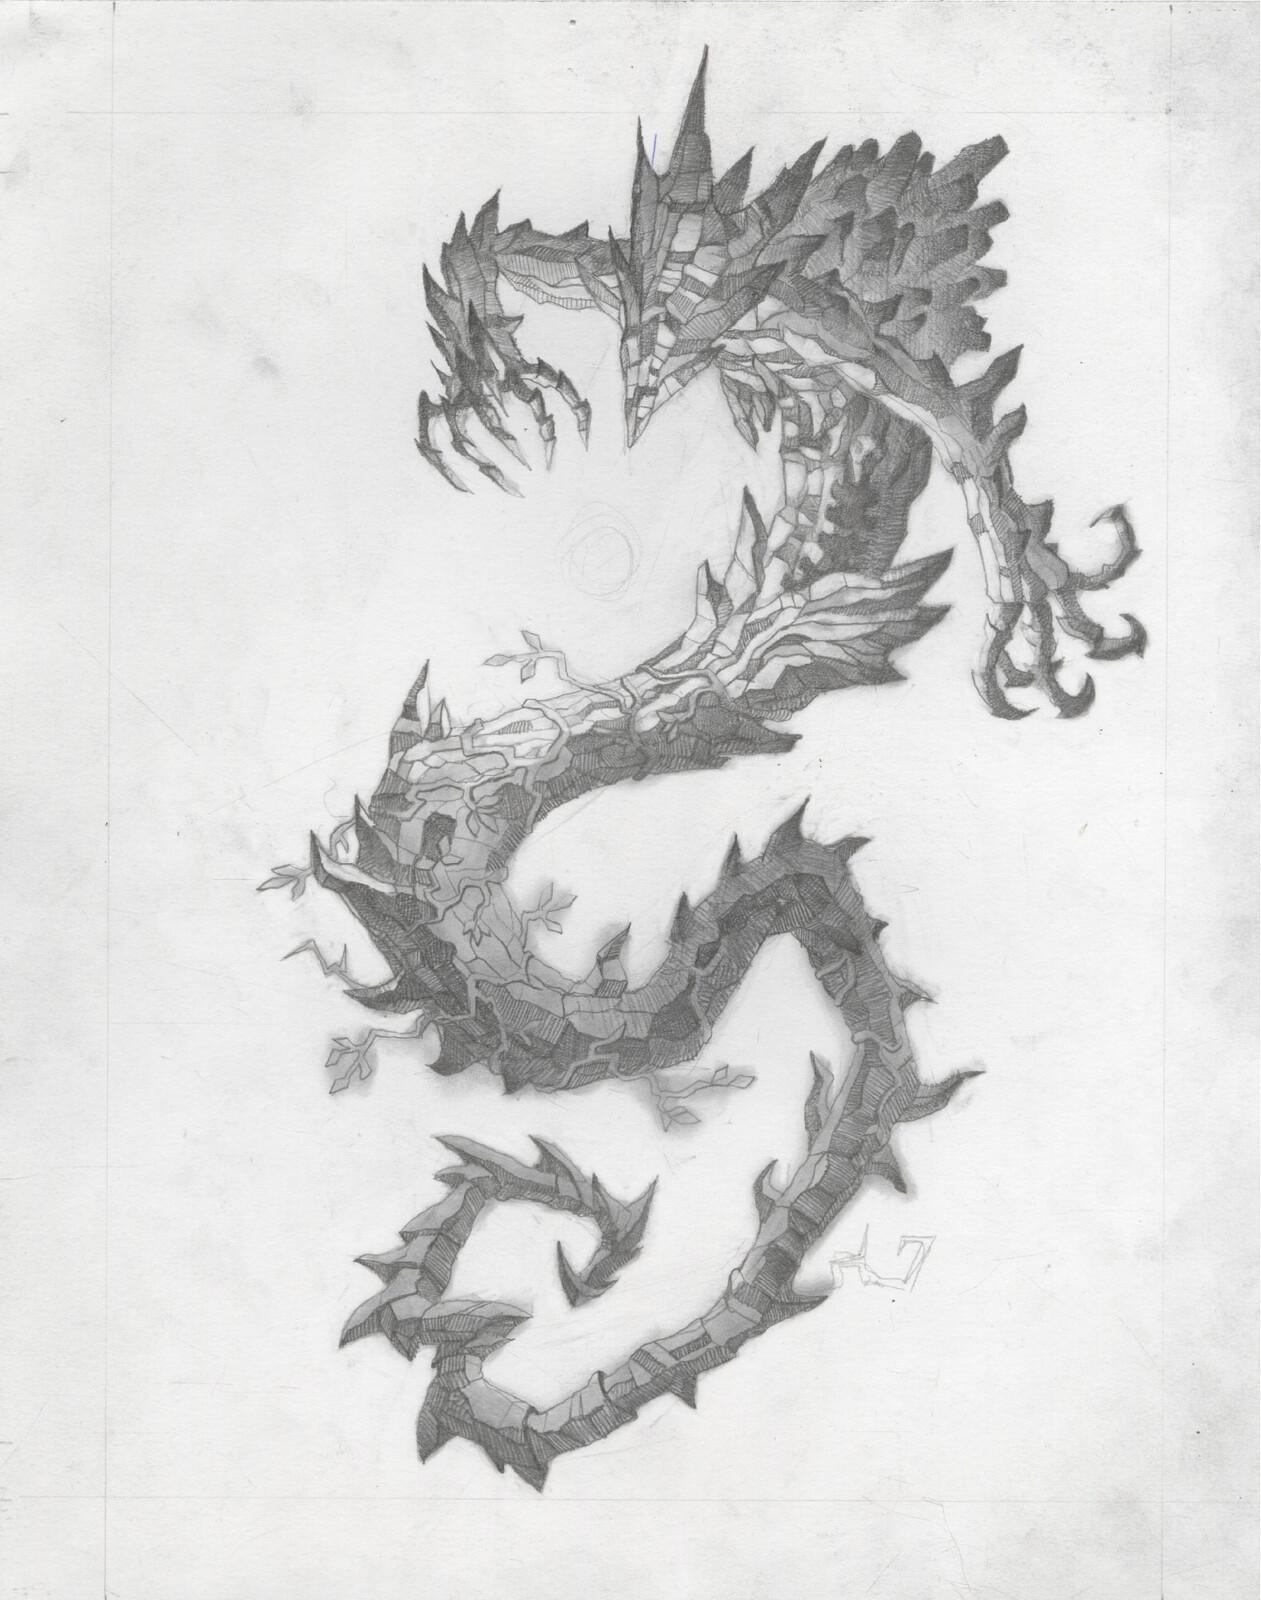 Graphite illustration for Scarlet Shard